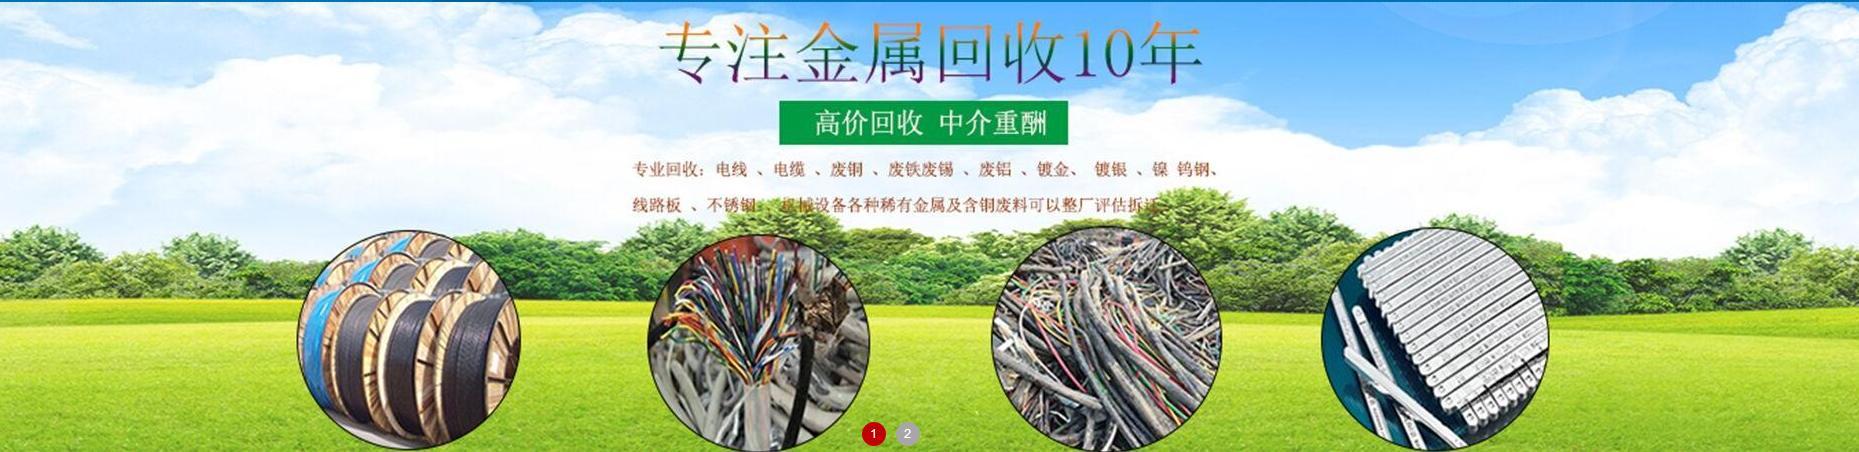 龍泉公路設施回收費用